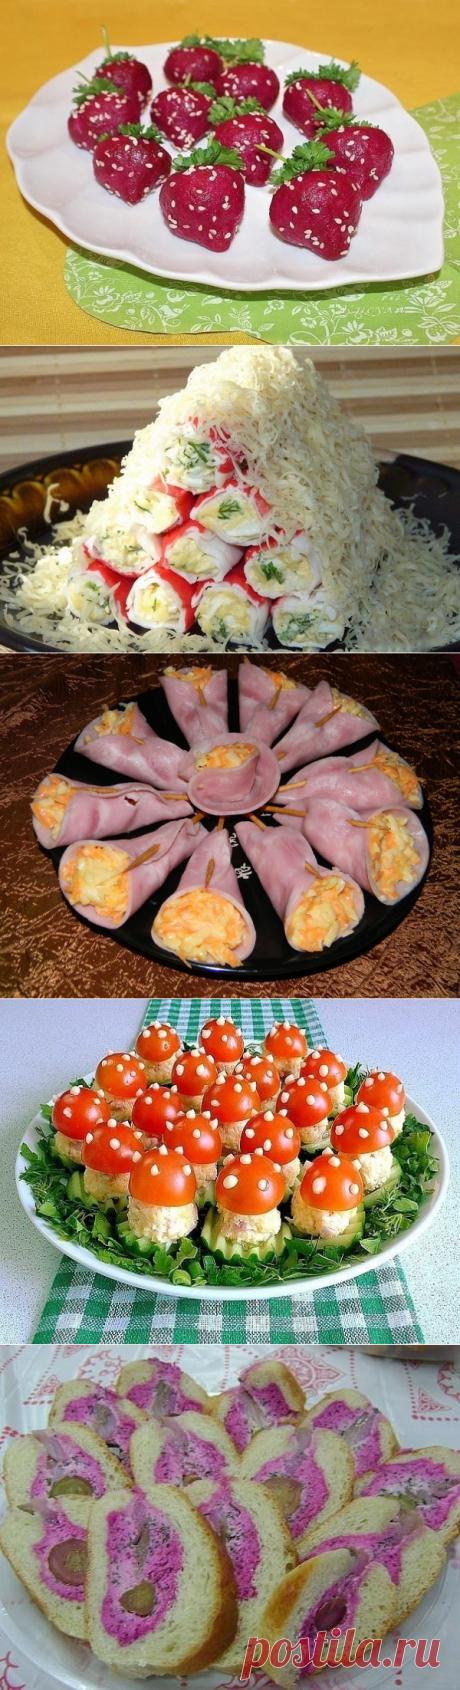 Необычные закуски на праздничный стол. - likemi.ru